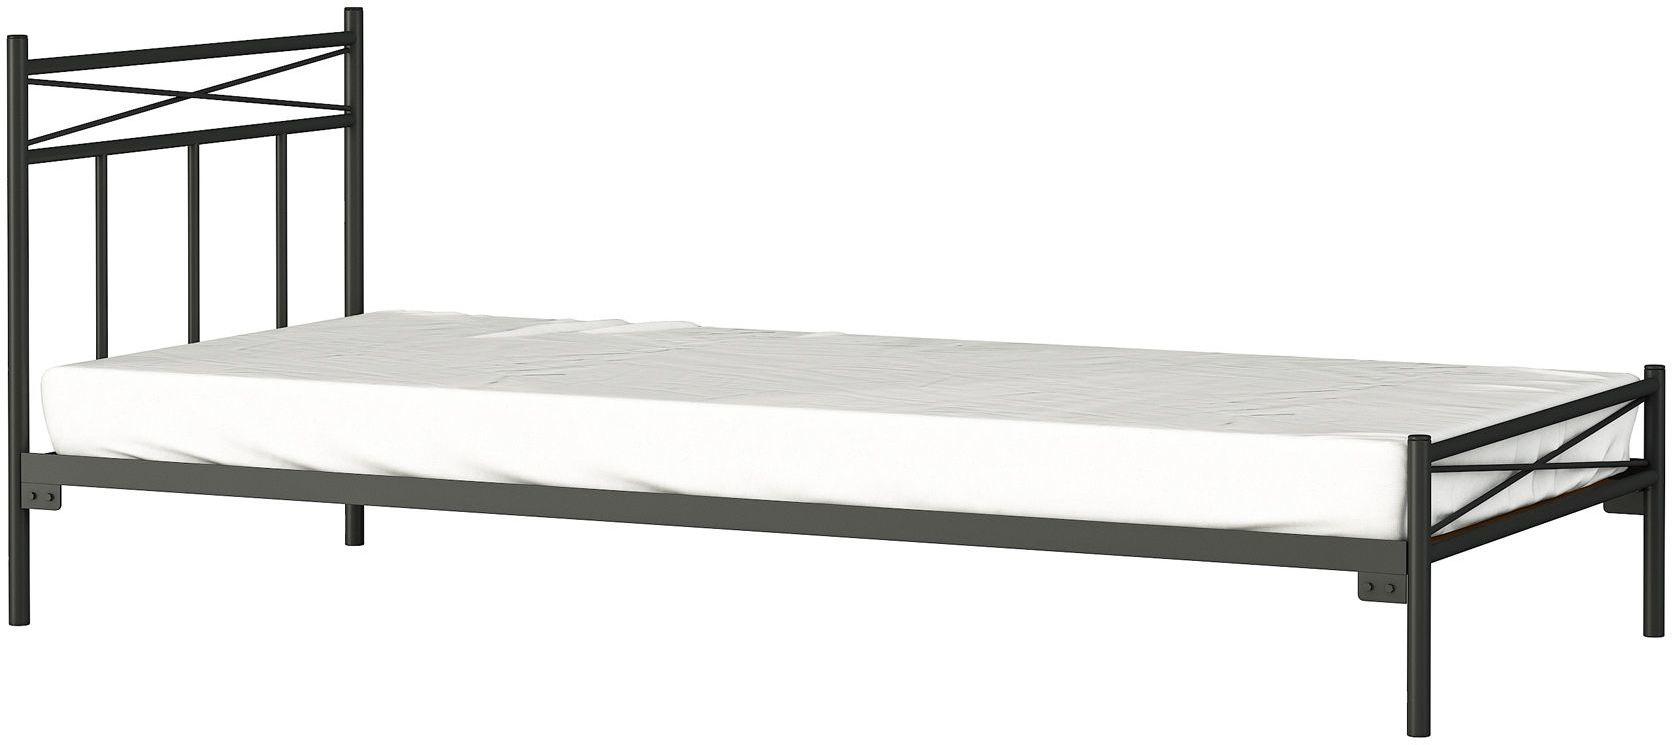 Łóżko pojedyncze metalowe Boston 120x200 - 17 kolorów